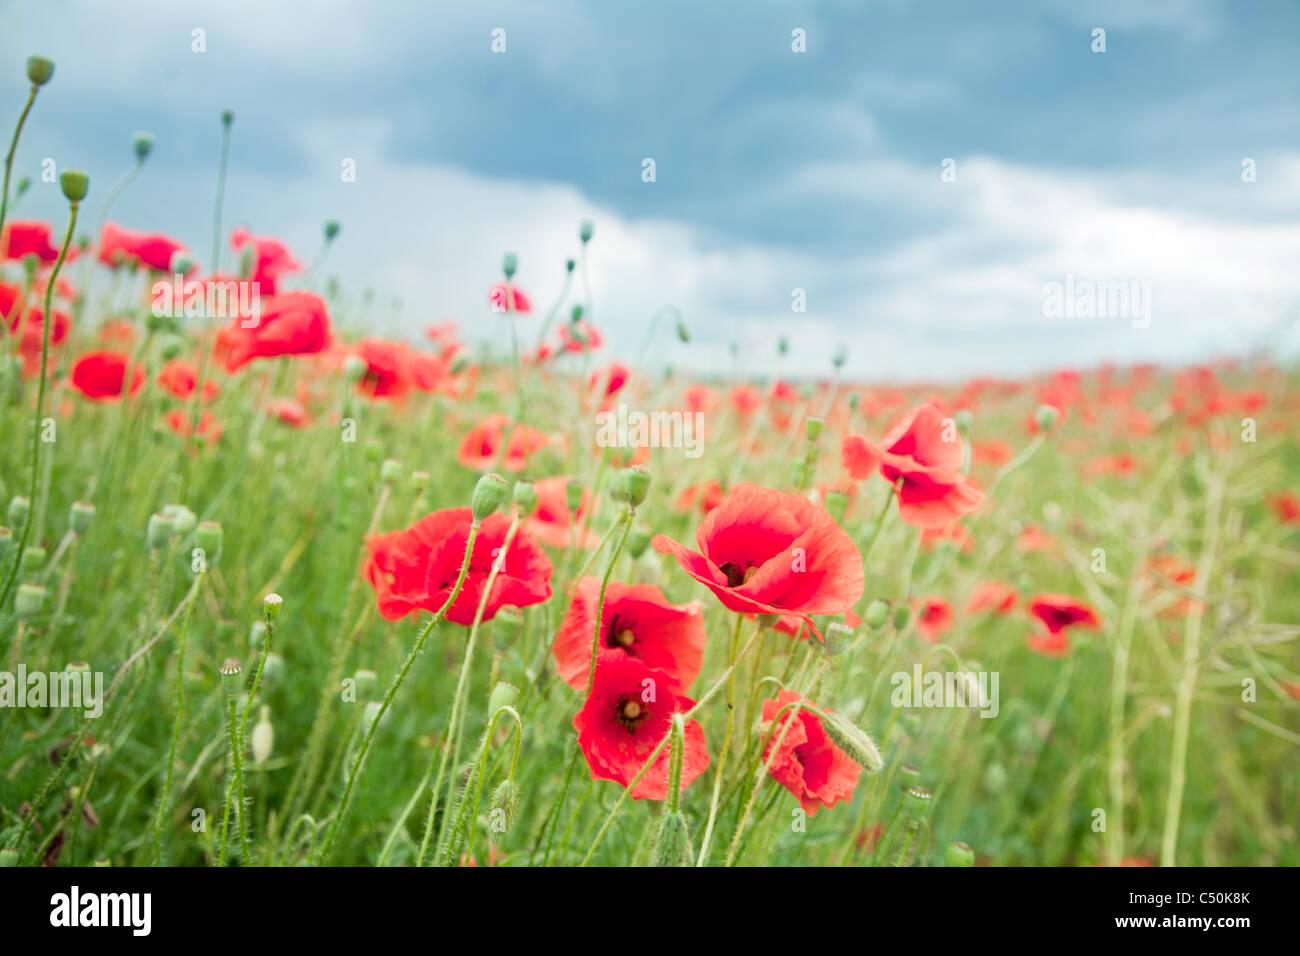 Wild poppy flowers on blue sky background. Stock Photo